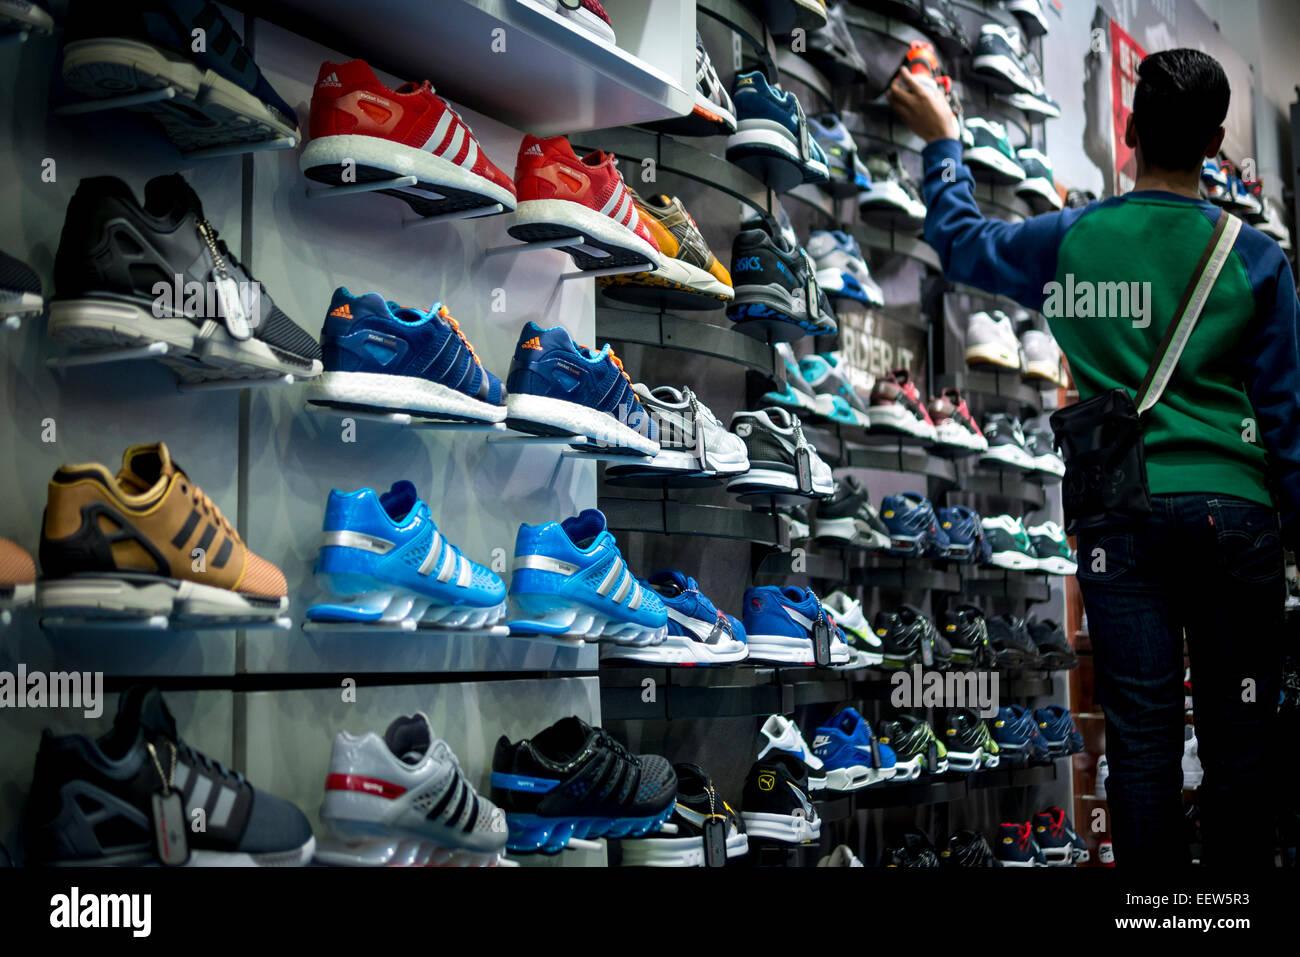 sale in Foot Locker Shop Stock Photo